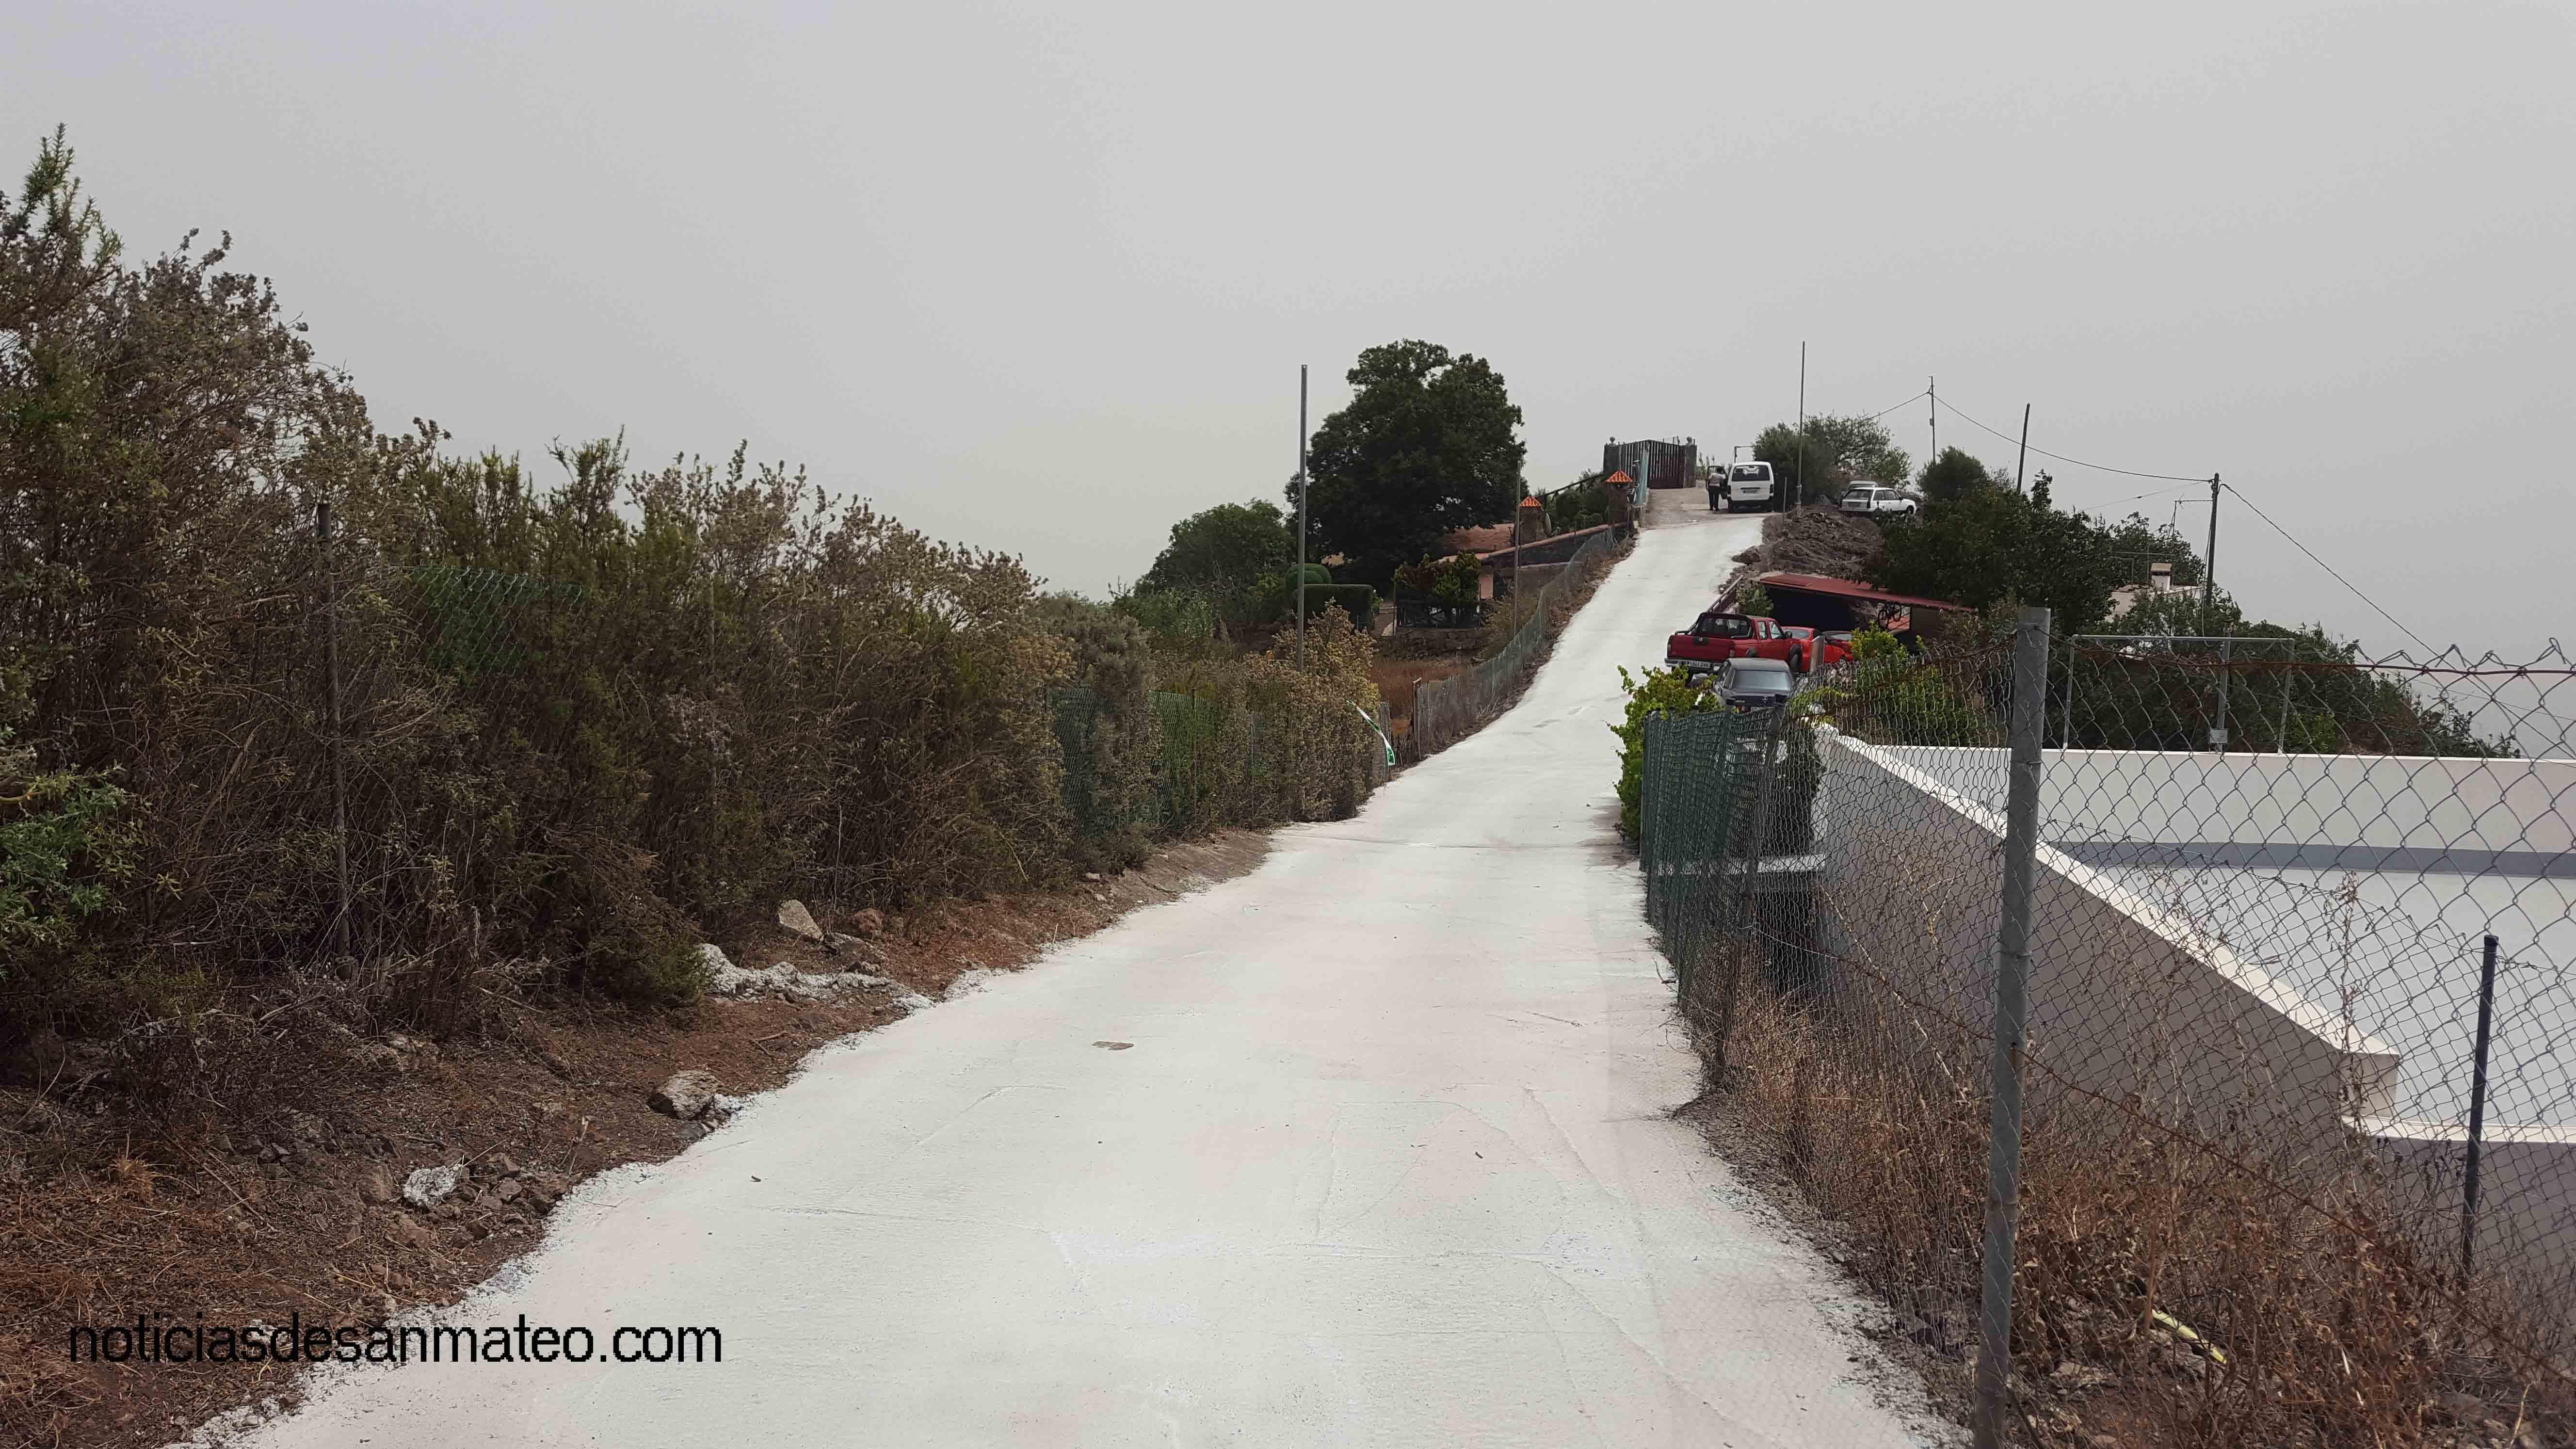 Hormigonado Carretera Cueva del Talayon Agosto 2017